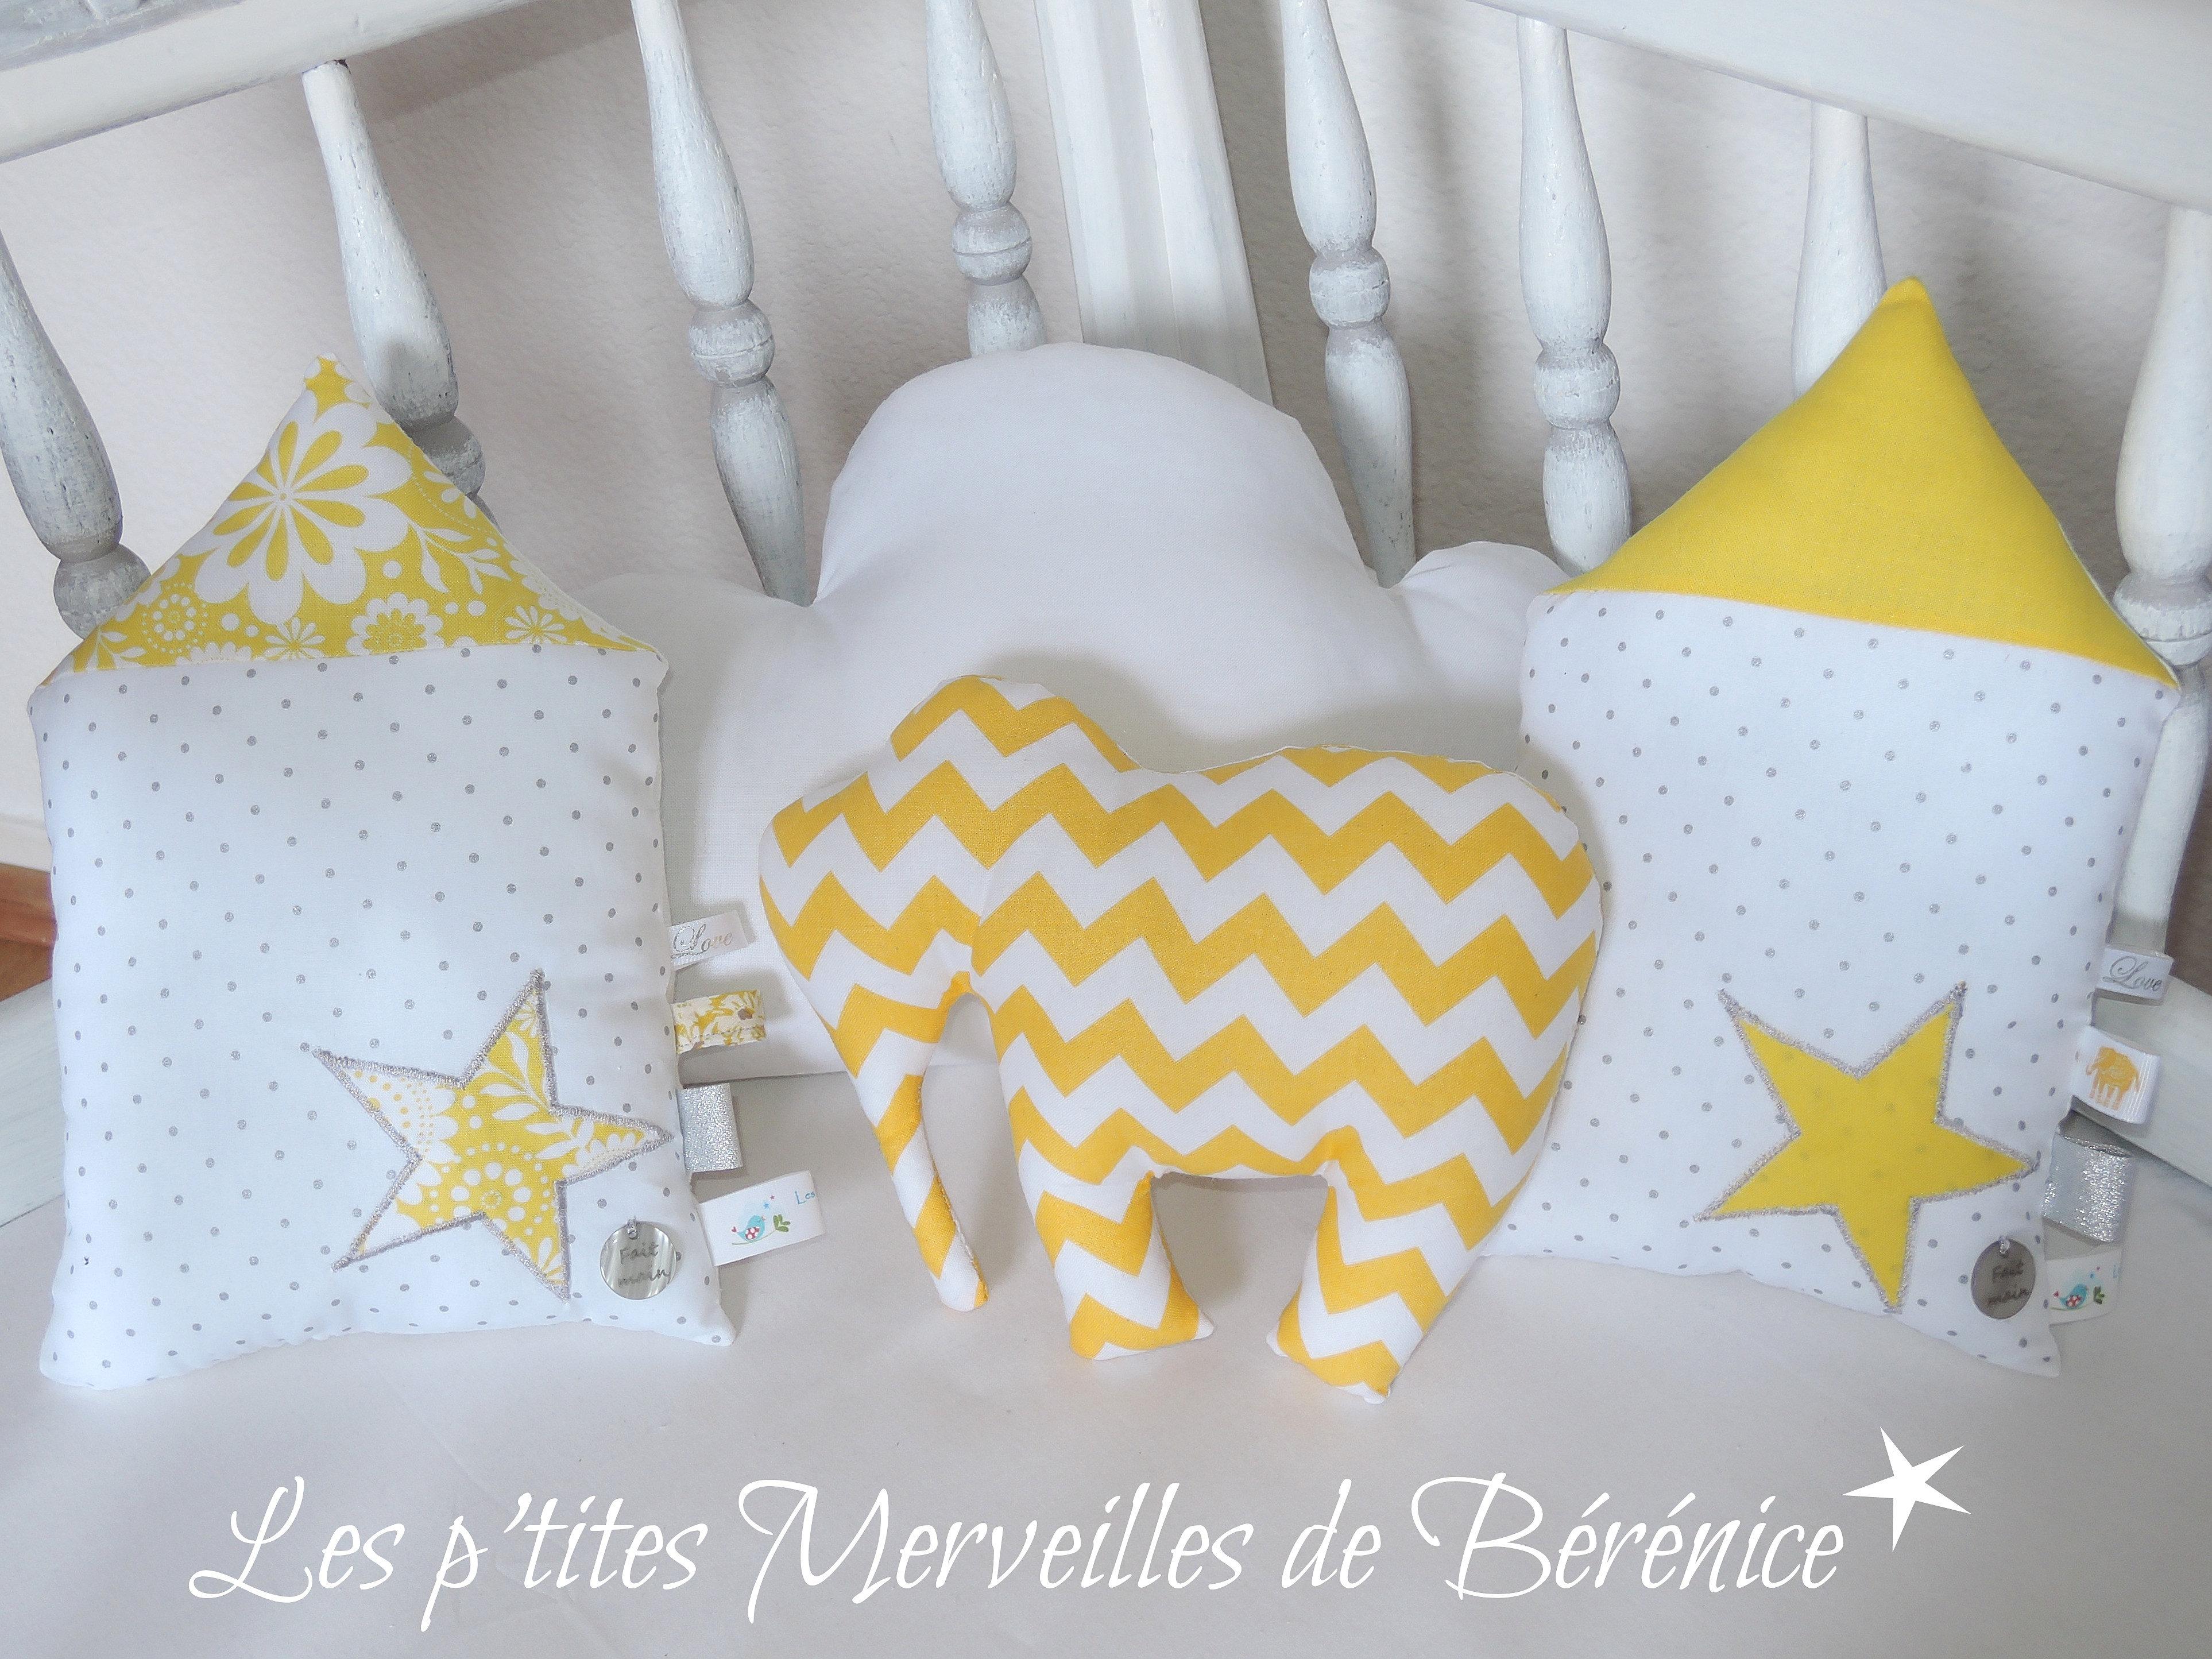 les p 39 tites merveilles de b r nice coussins d co en jaune et blanc. Black Bedroom Furniture Sets. Home Design Ideas